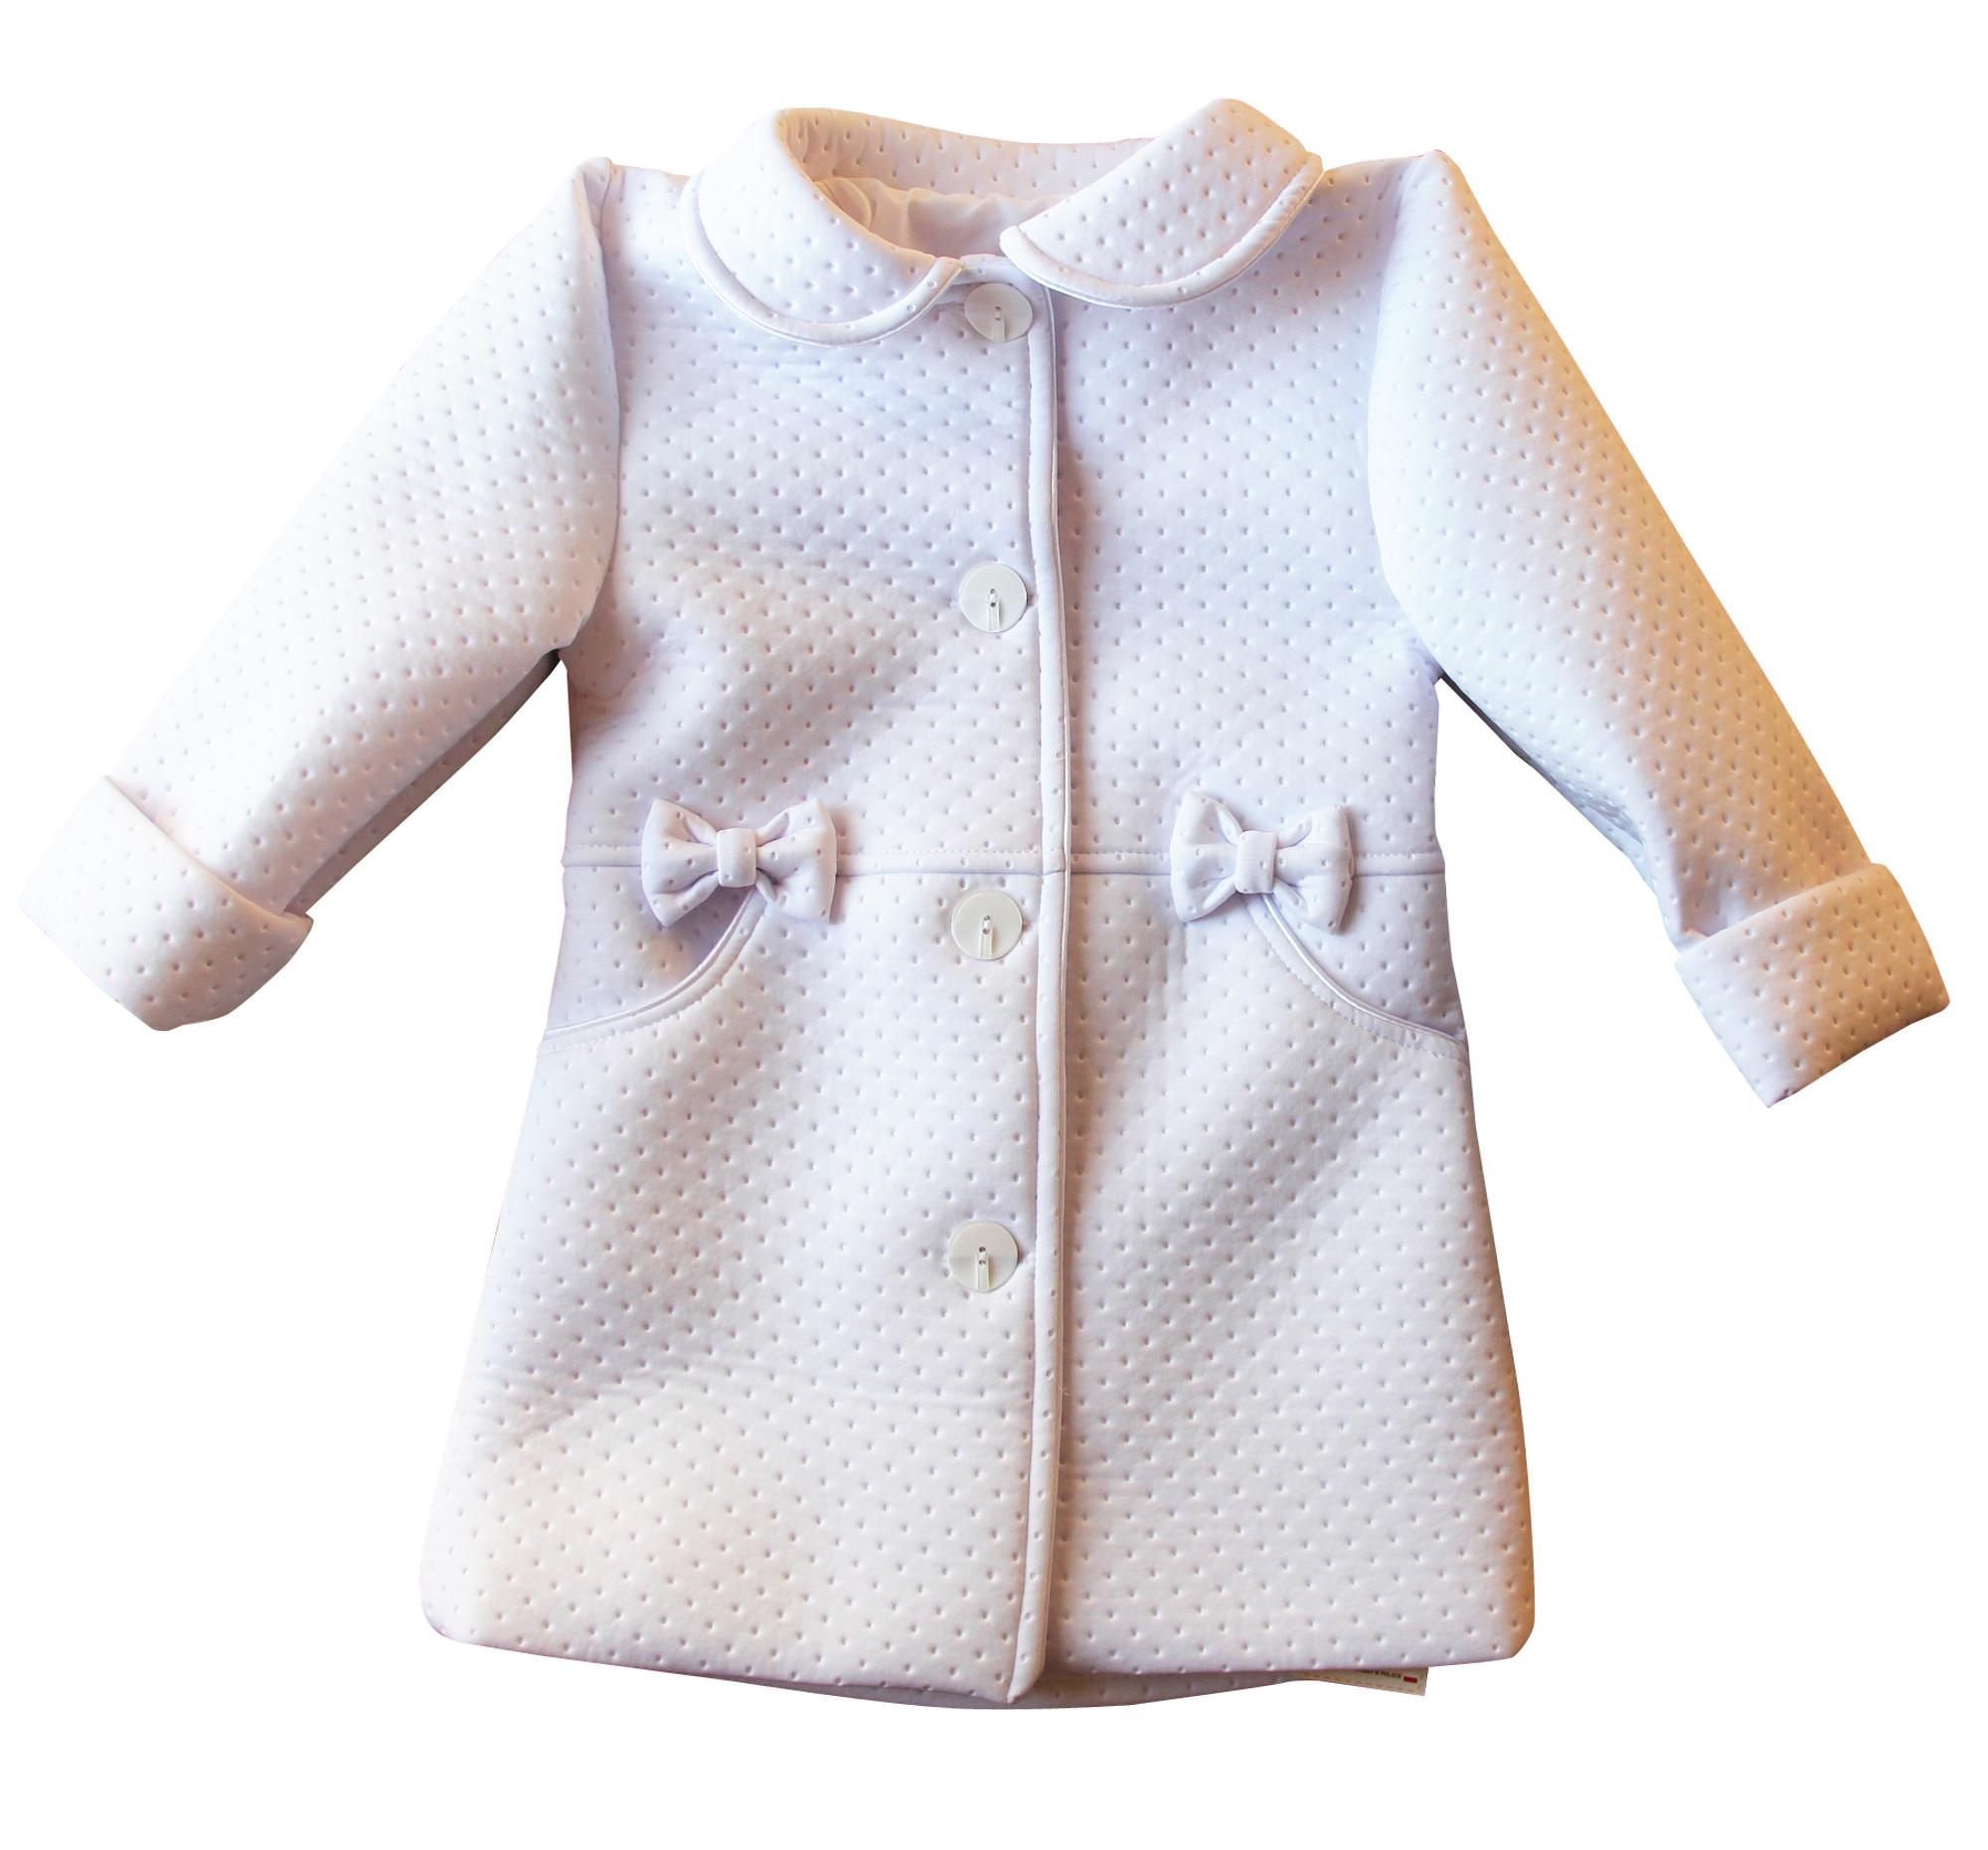 BIMARO Mädchen Mantel Lea weiß Taufmantel Babymantel Jacke Baby Hochzeit Taufe festlich gefüttert